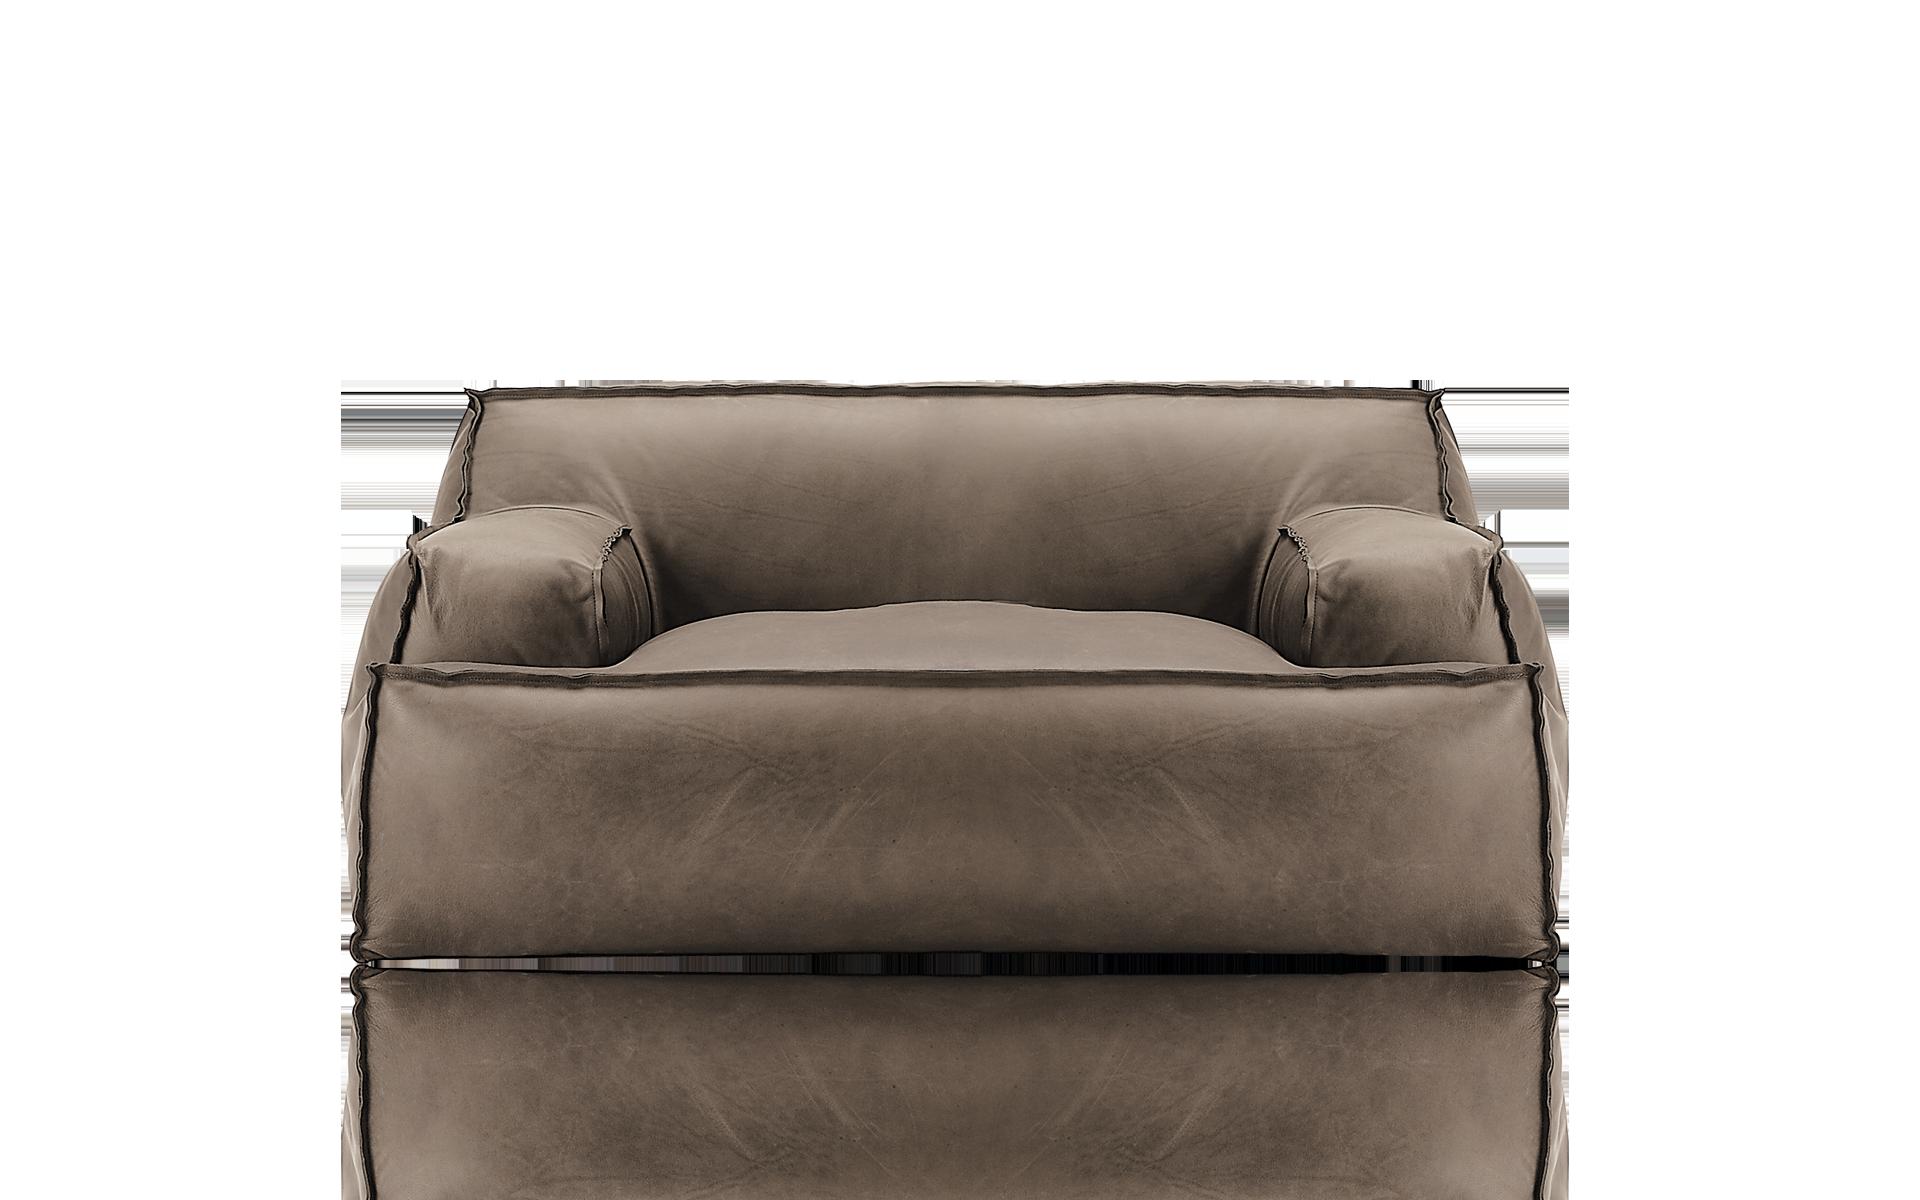 布艺沙发图片_DAMASCO 沙发 意大利 Baxter [ 海居汇 ] 进口家具代购 海外家具代购 ...